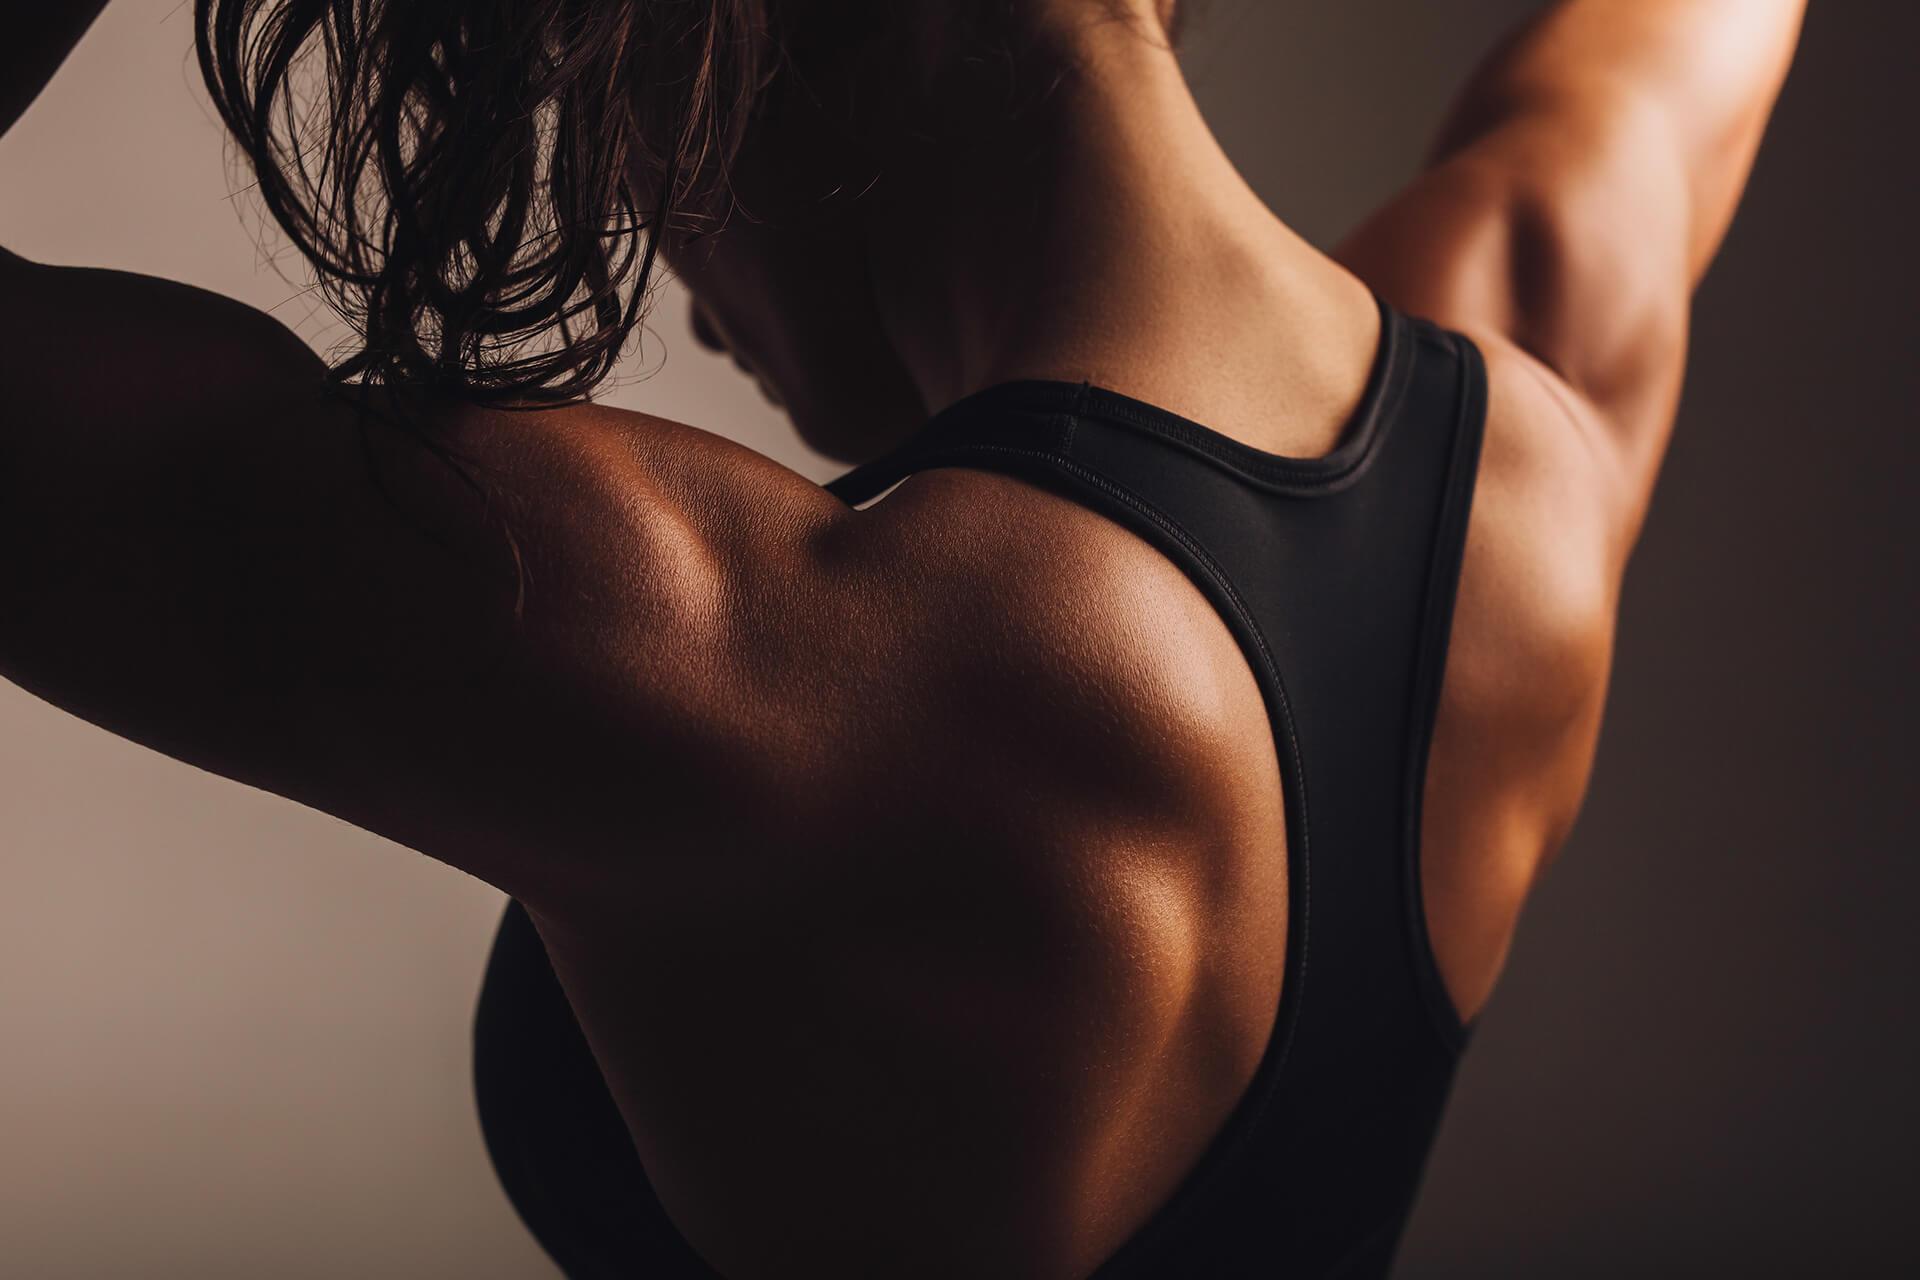 Rückenmuskulatur aufbauen: Dein Weg zu einem starken Rücken | Muskelmacher-Shop